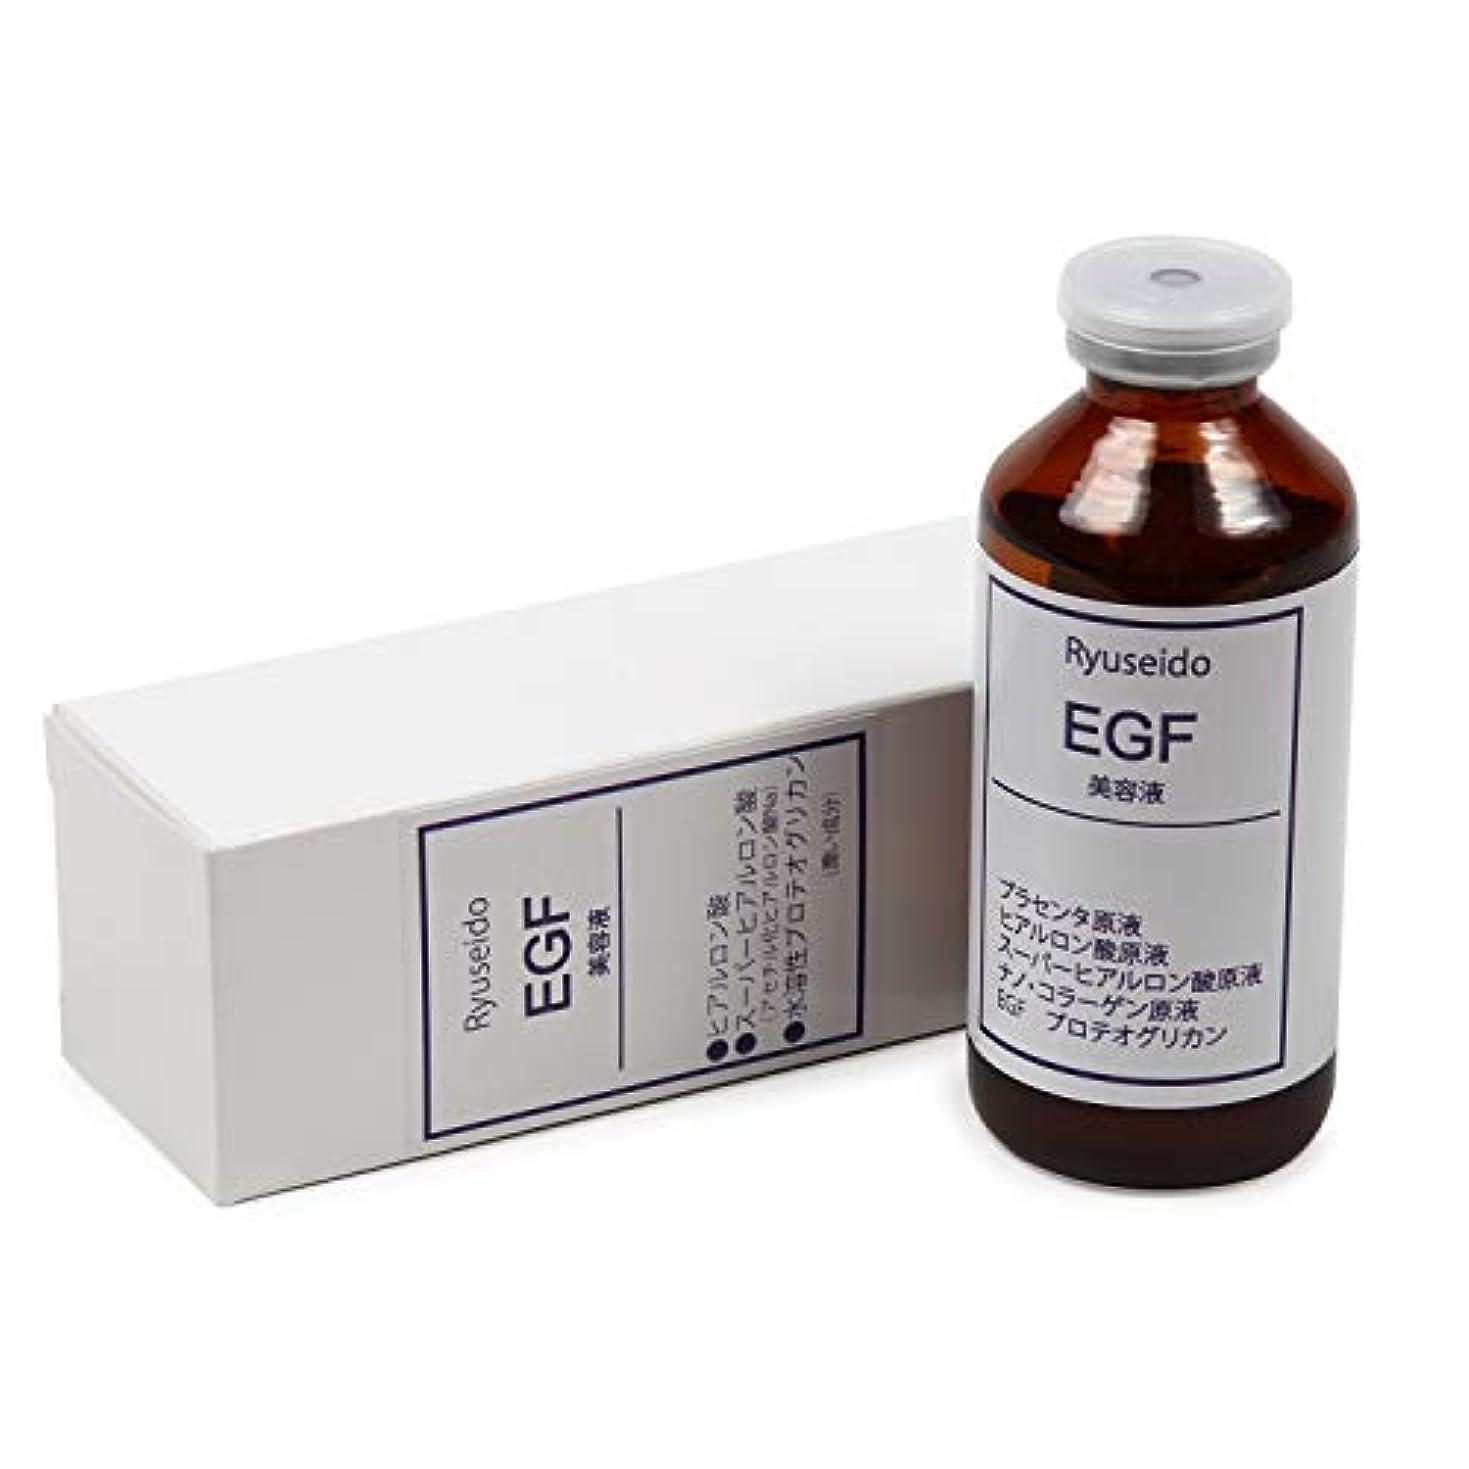 チップ解凍する、雪解け、霜解けコンパイル10倍濃度EGFをプラセンタ?ナノコラーゲン?ヒアルロン酸原液に配合。毛穴レスできめ細かなクリアな肌に??生コラーゲン配合でキメ密度がさらにアップ。